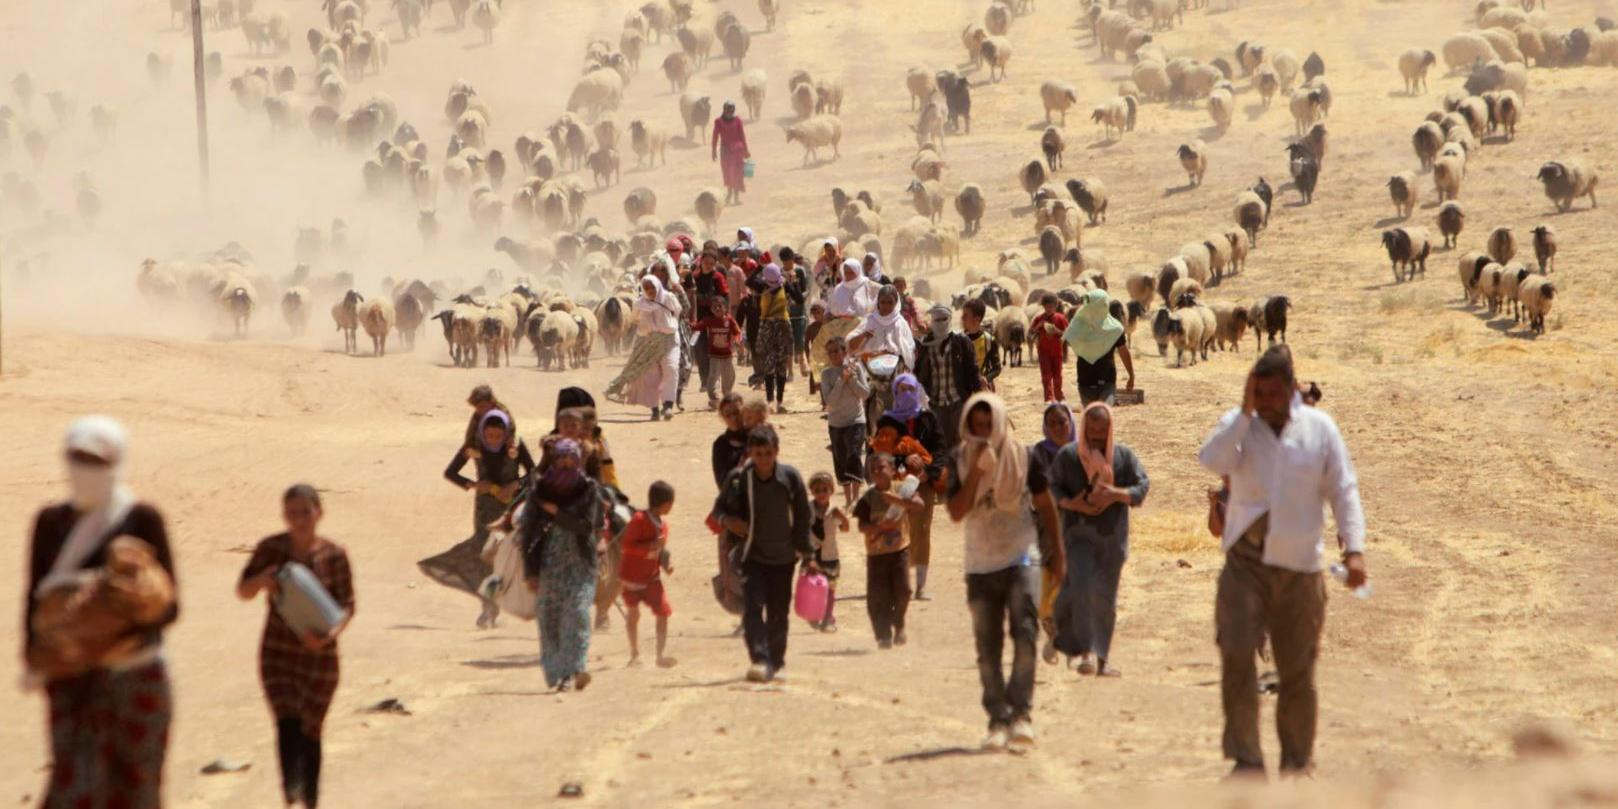 «Наплыв будет трудно сдержать»: Ташкент и Москва обсудили проблему беженцев из Афганистана